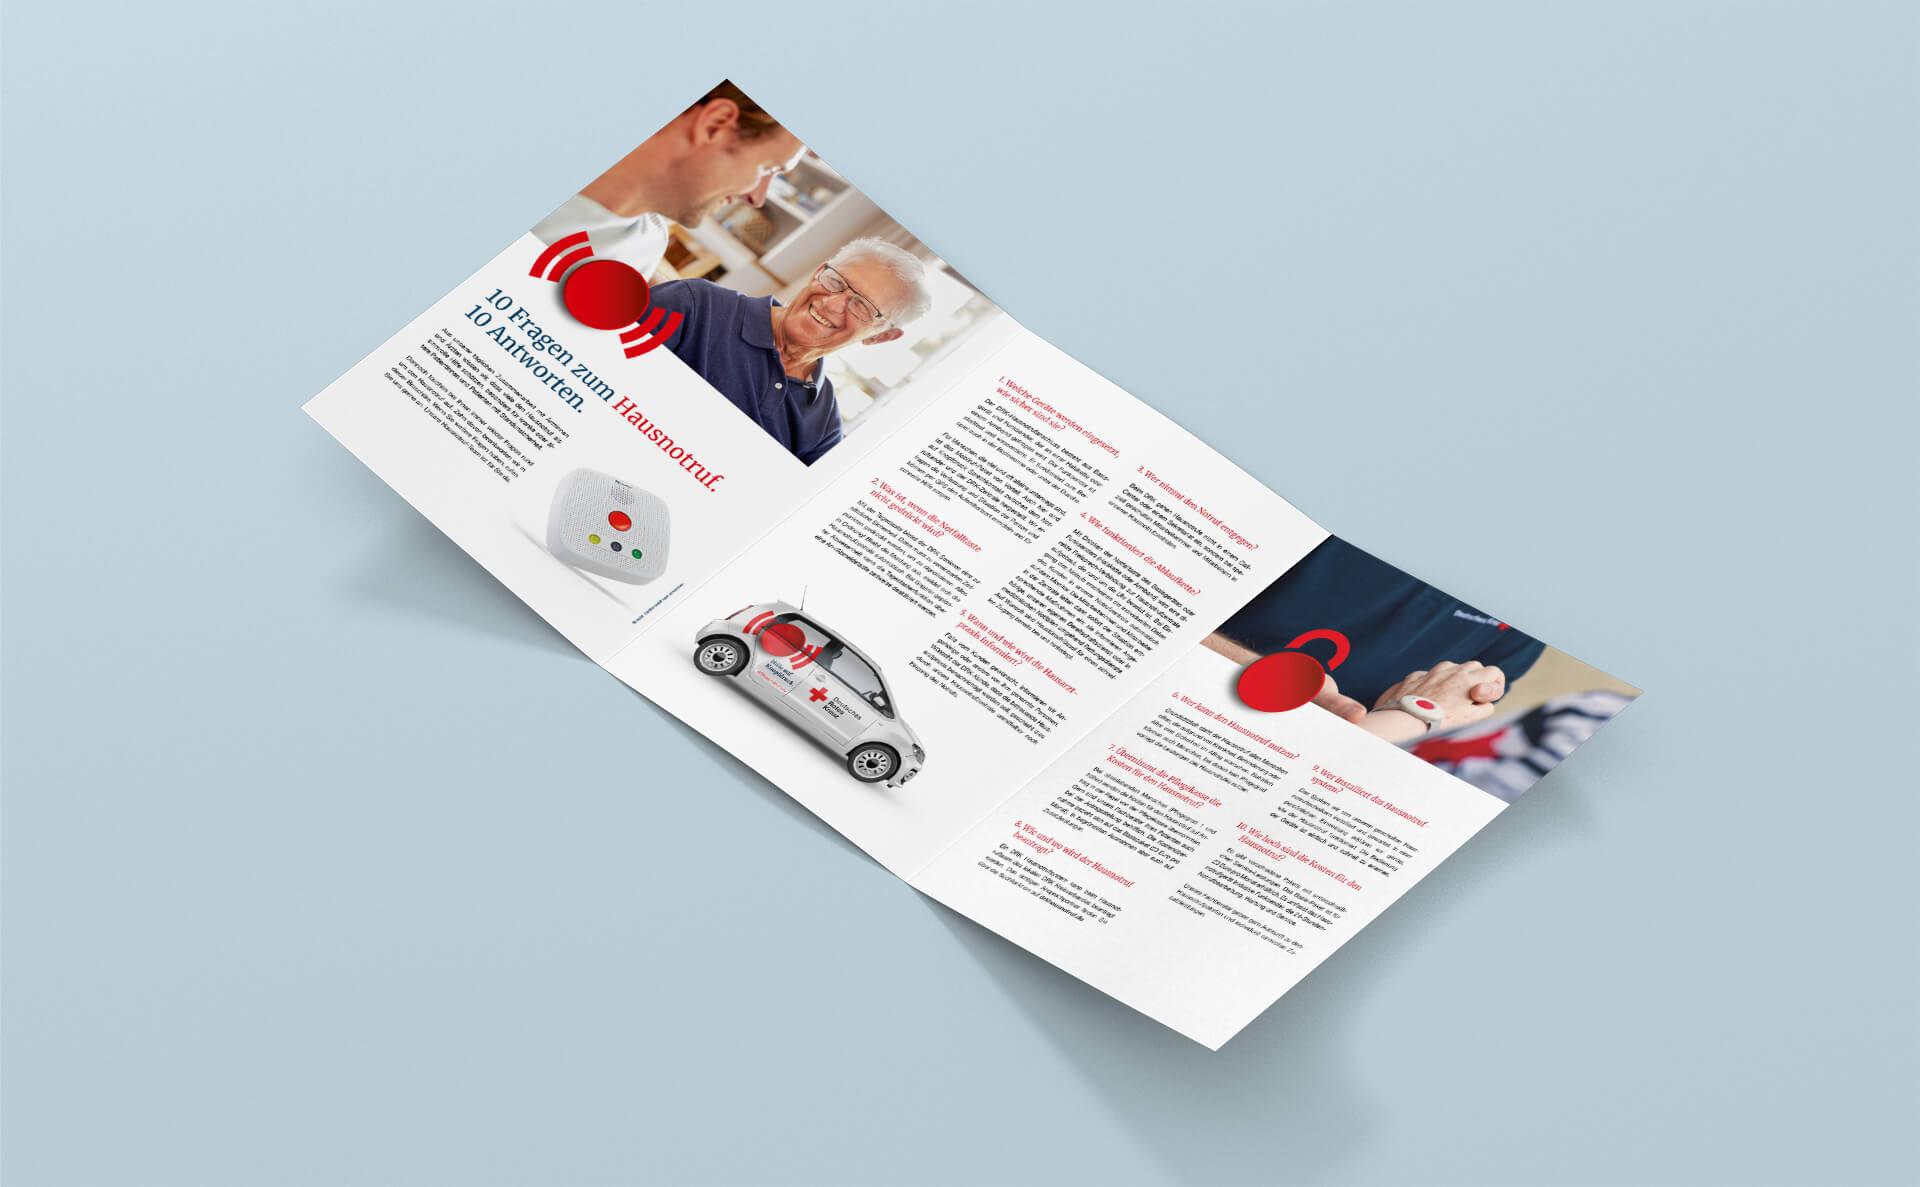 Innenseiten Broschüre für Ärztinnen und Ärzte mit Informationen zum Hausnotruf